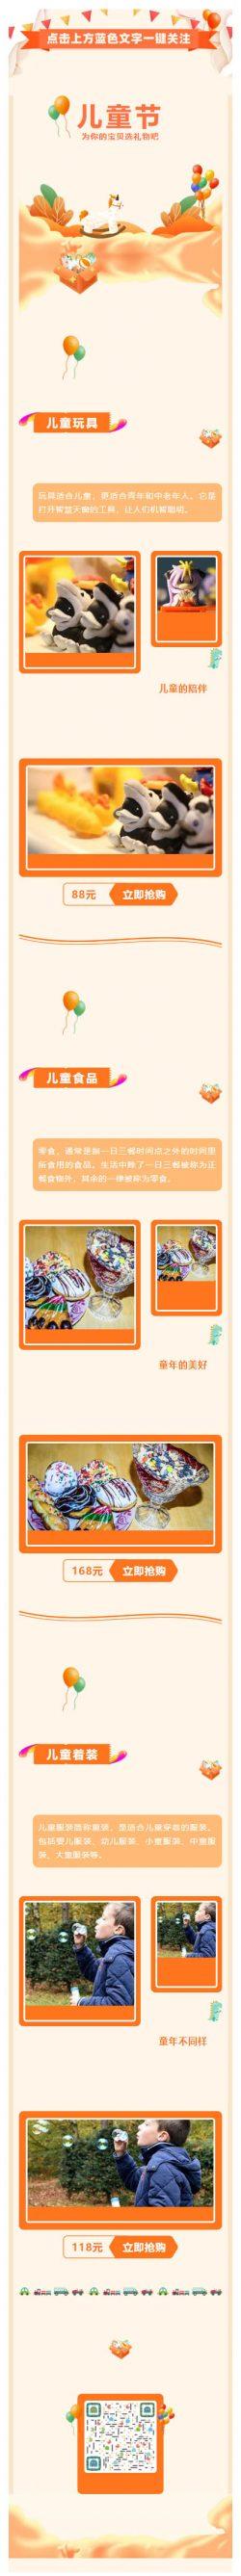 儿童服装简称童装 六一儿童节玩具微信推送模板橙色文章风格